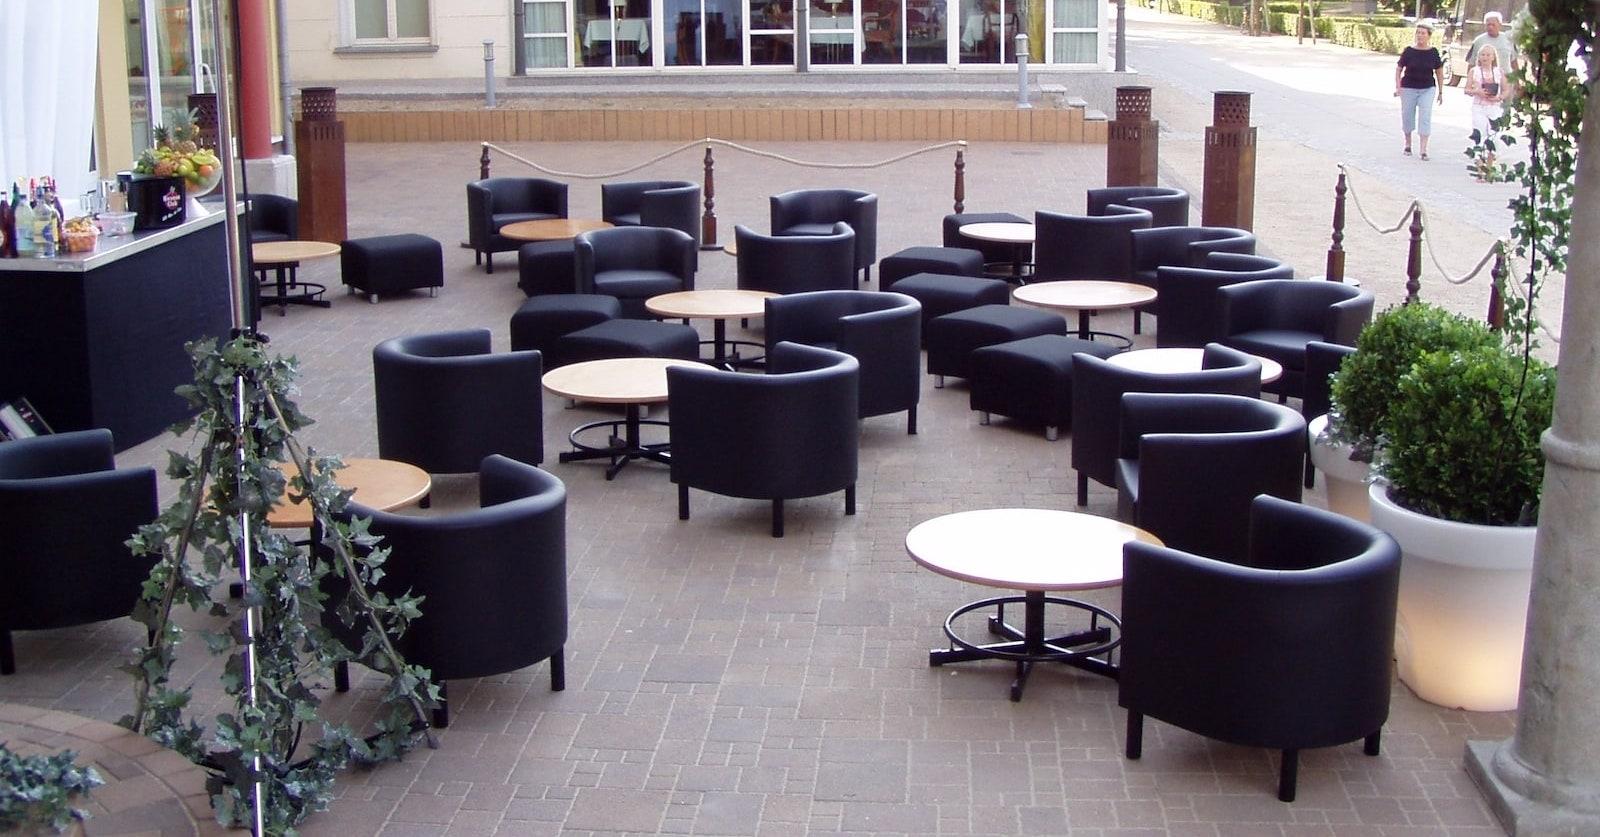 Möbel Mieten Verleih Von Tischen Stühlen Bars Uvm